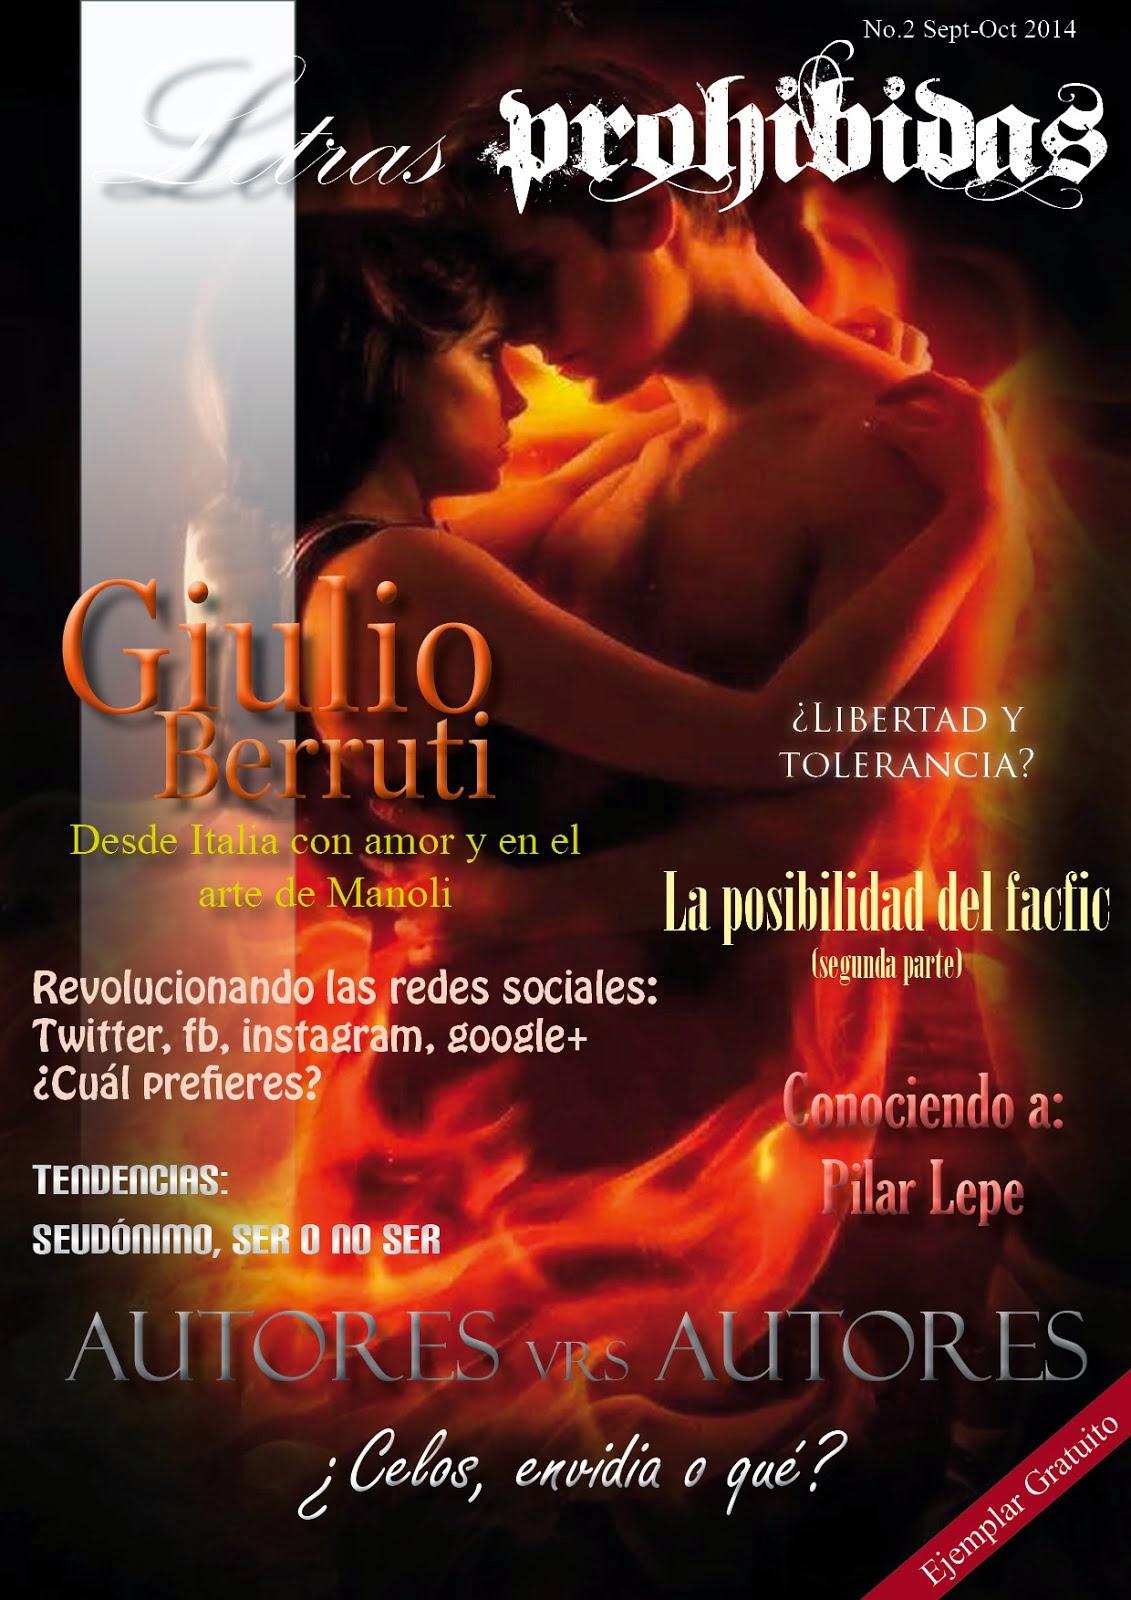 Edición Sept-Oct. 2014